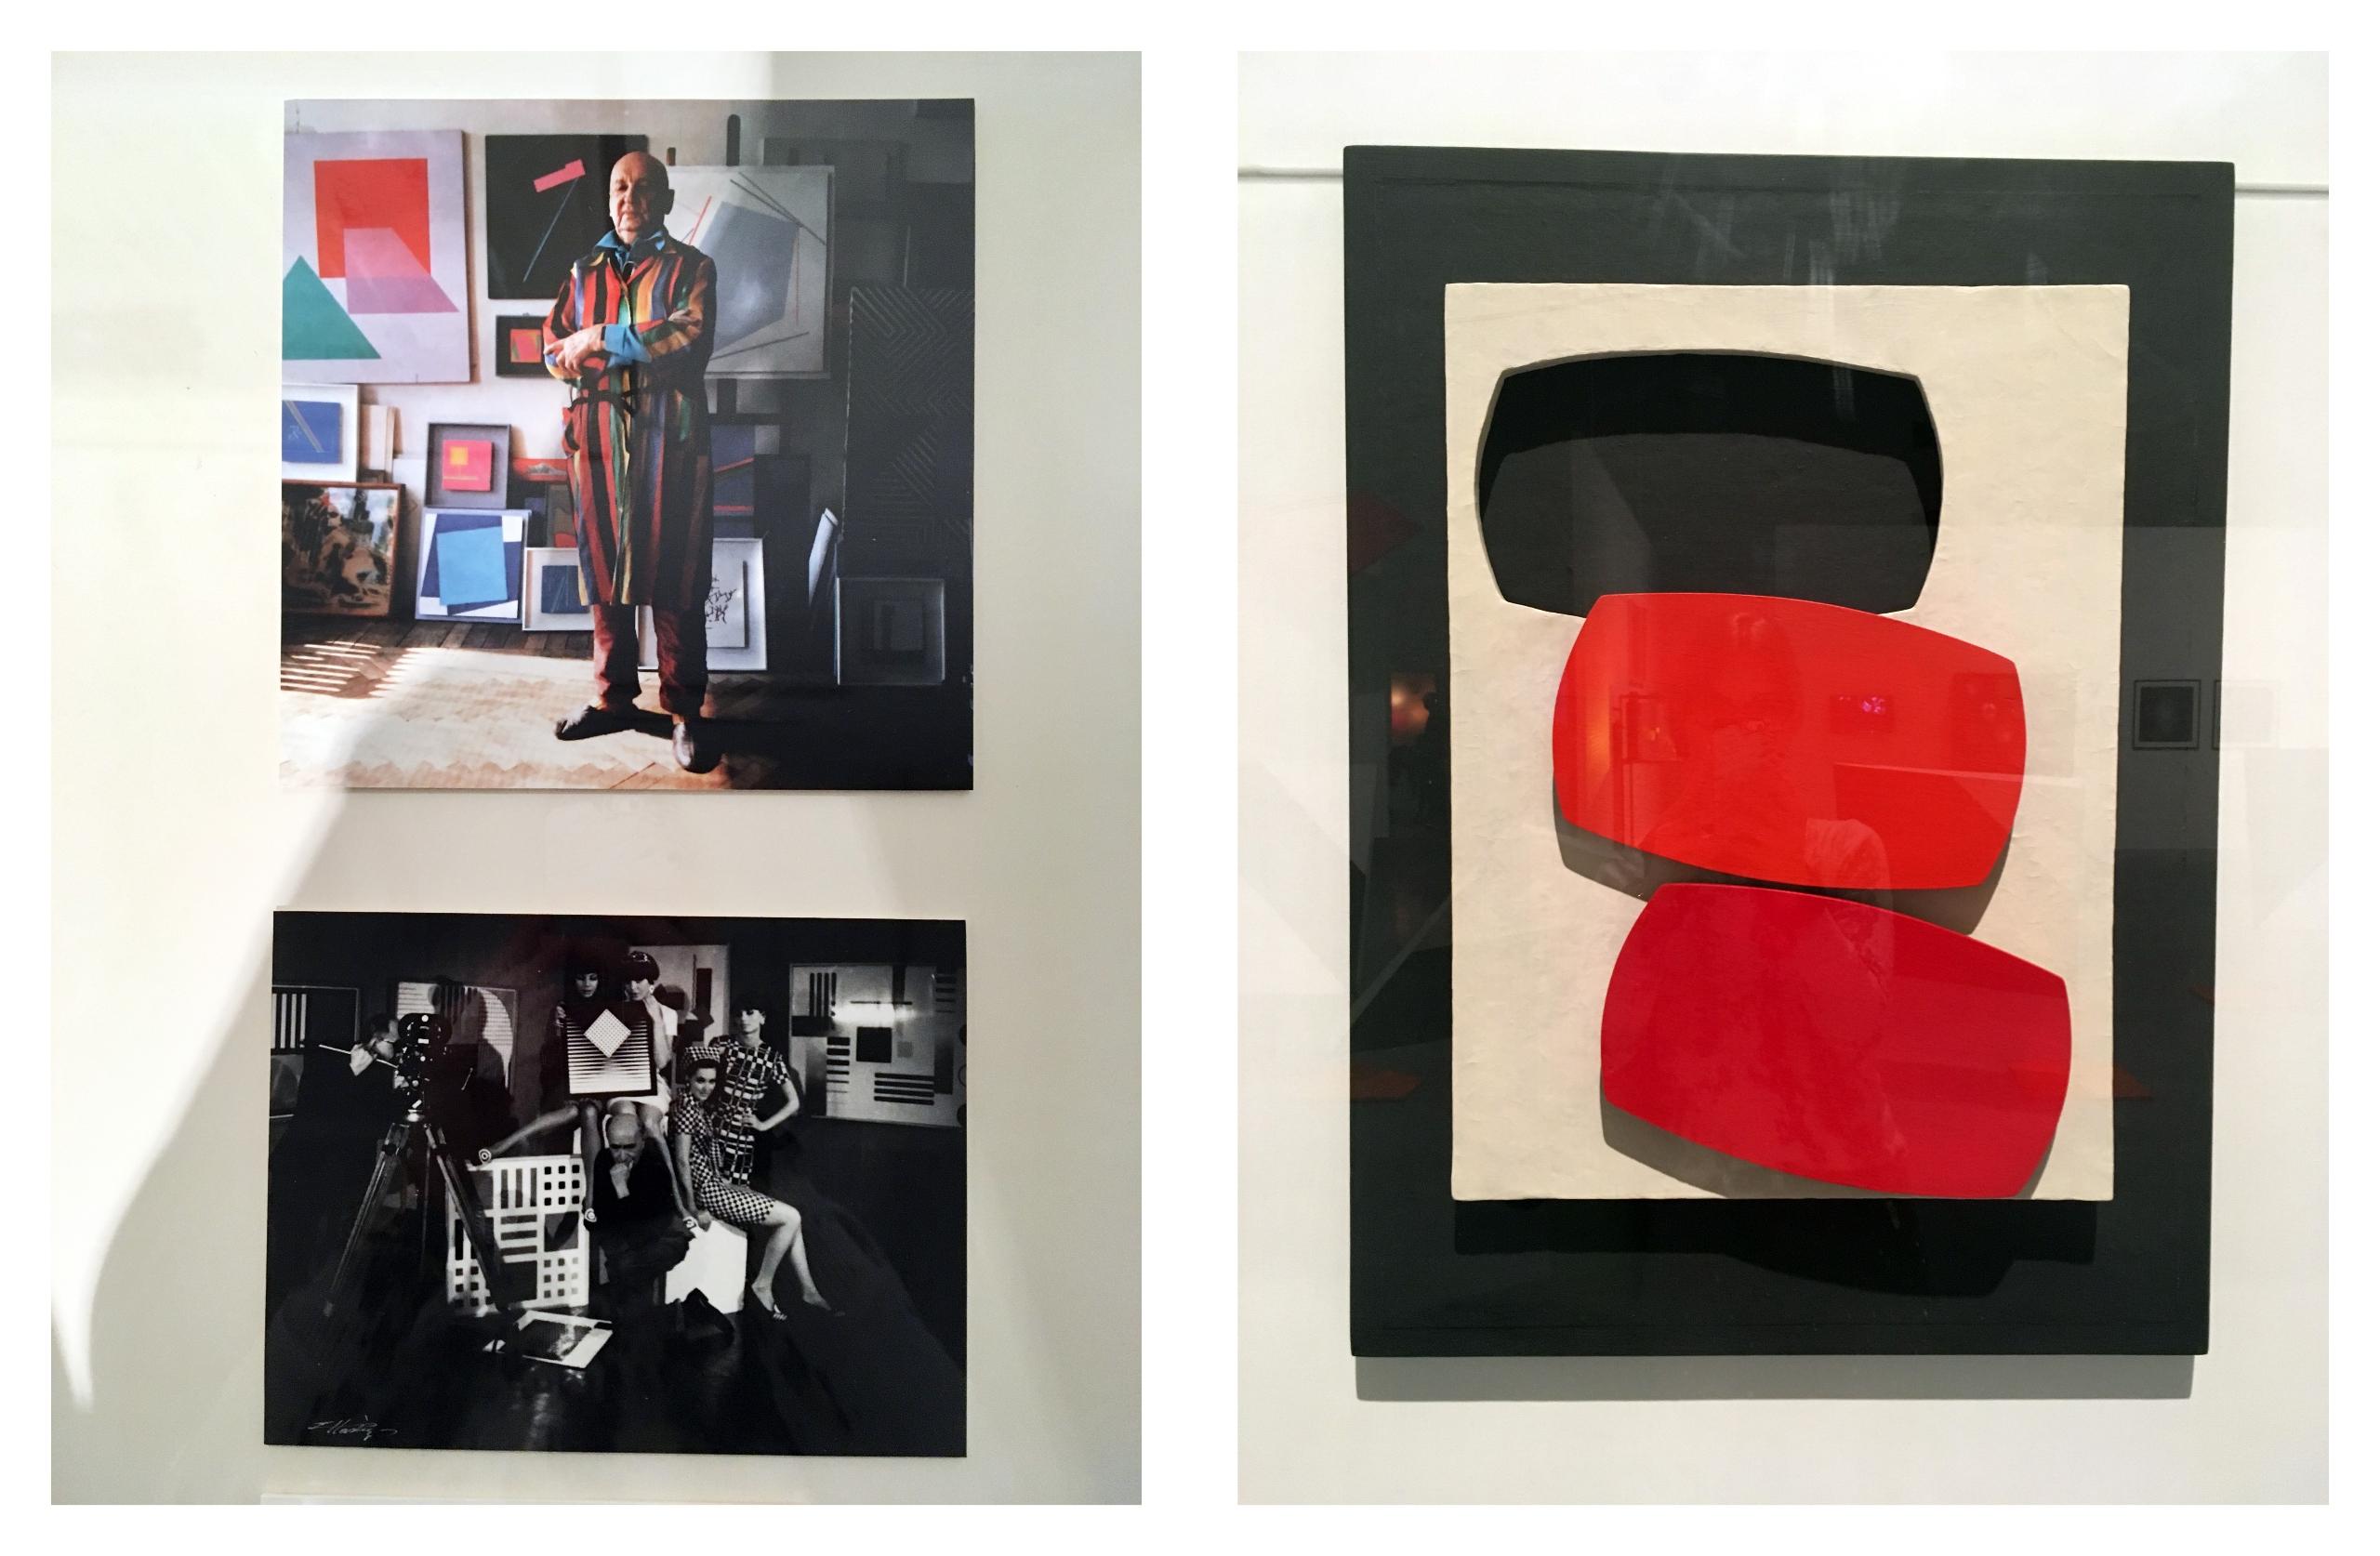 Obraz przedstawia trzy fotografie. Na zdjęciach z prawej strony widzimy sylwetki ludzkie, z lewej pracę artystyczną przedstawiającą figury geometryczne czarne i czerwone.